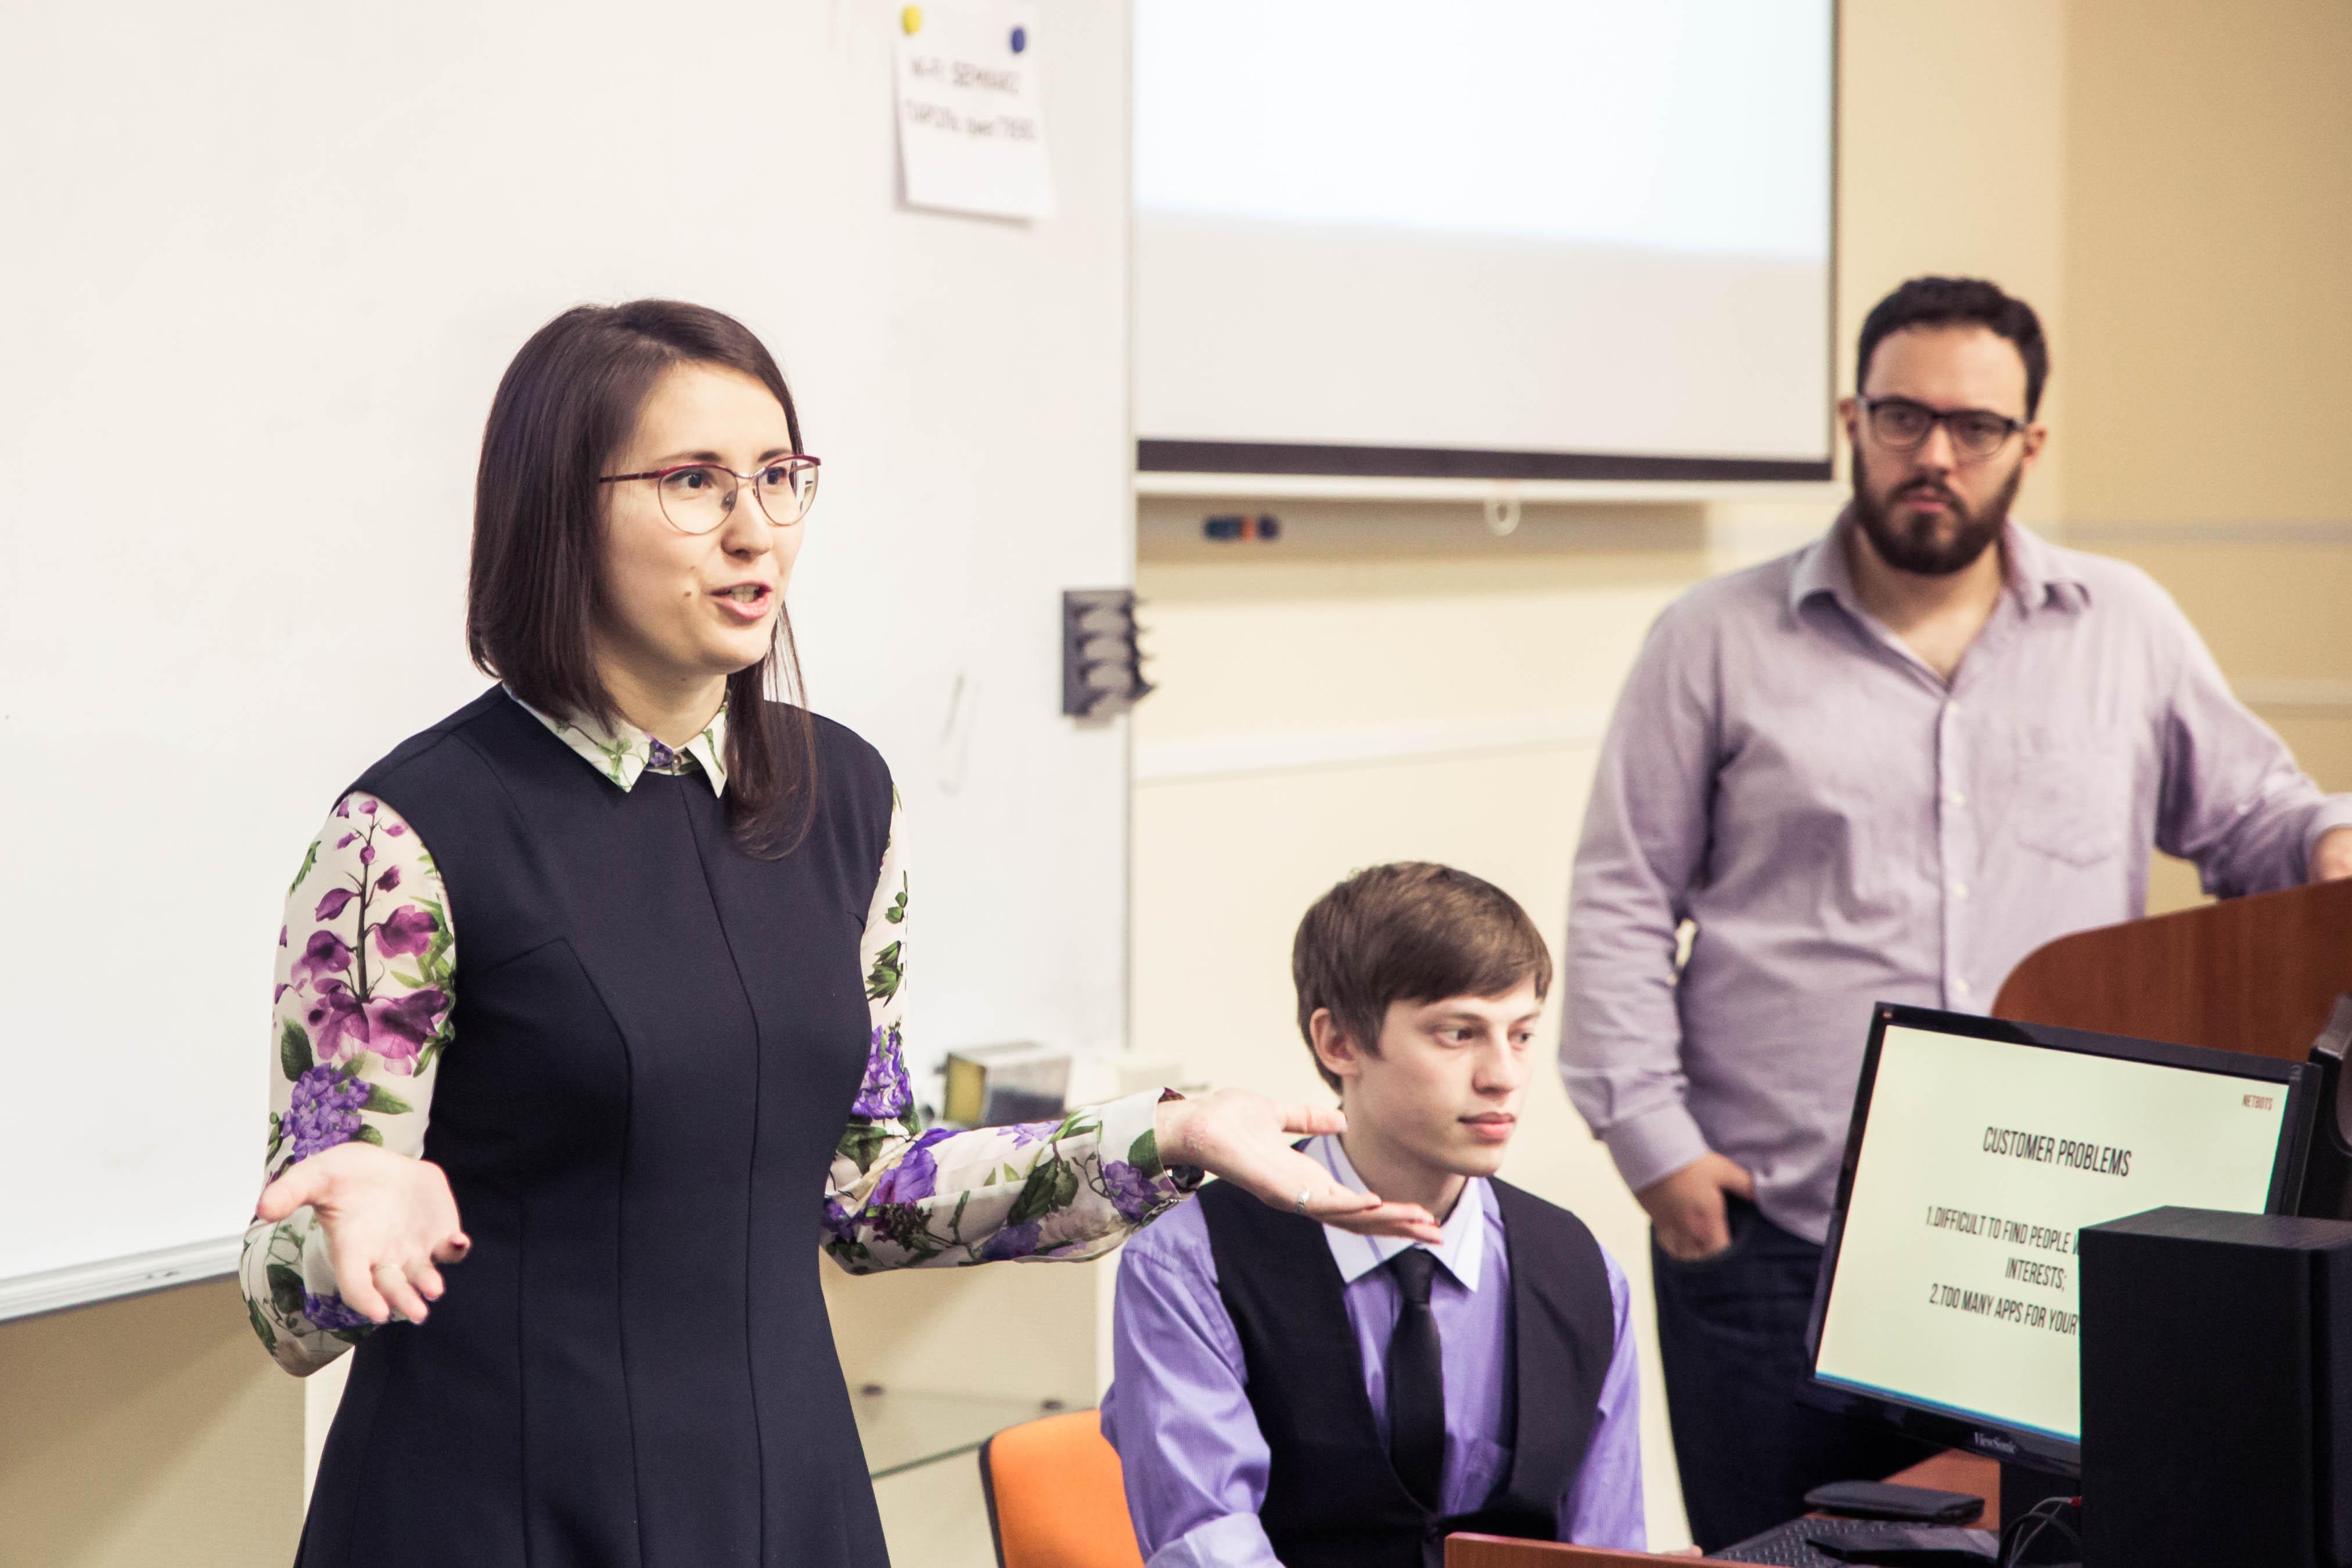 Университет ИТМО. Дарья Санкова, проект Netbots